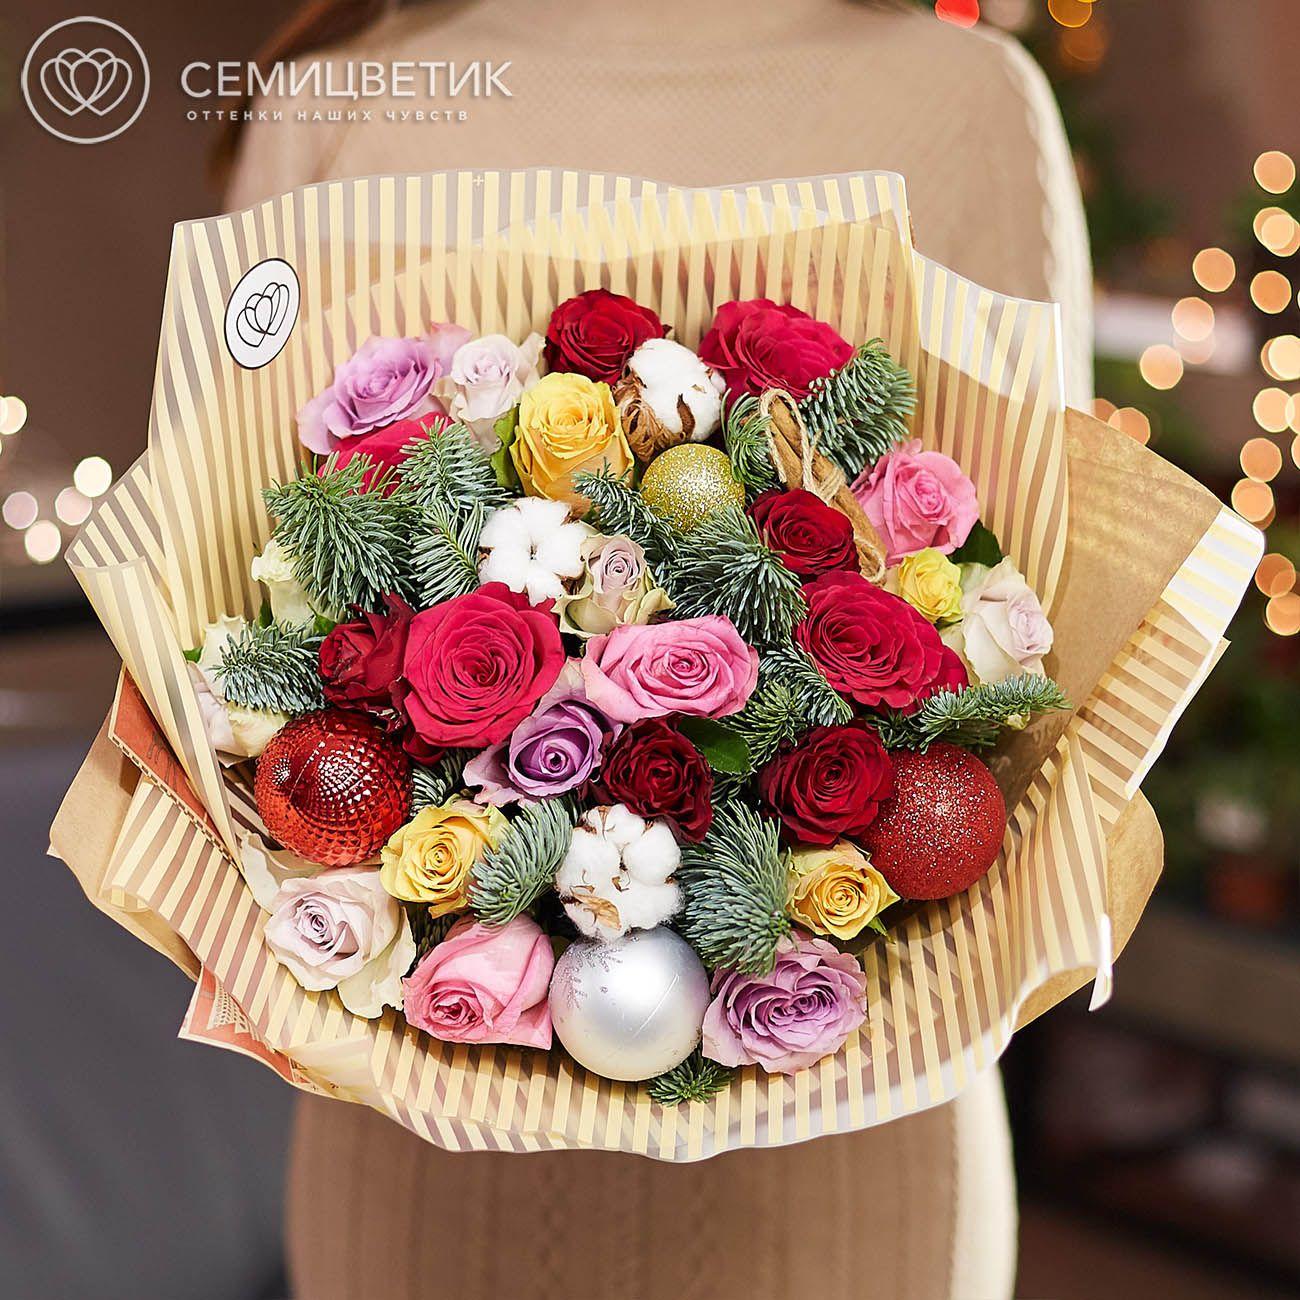 25 роз микс Premium с елью, корицей и хлопком фото